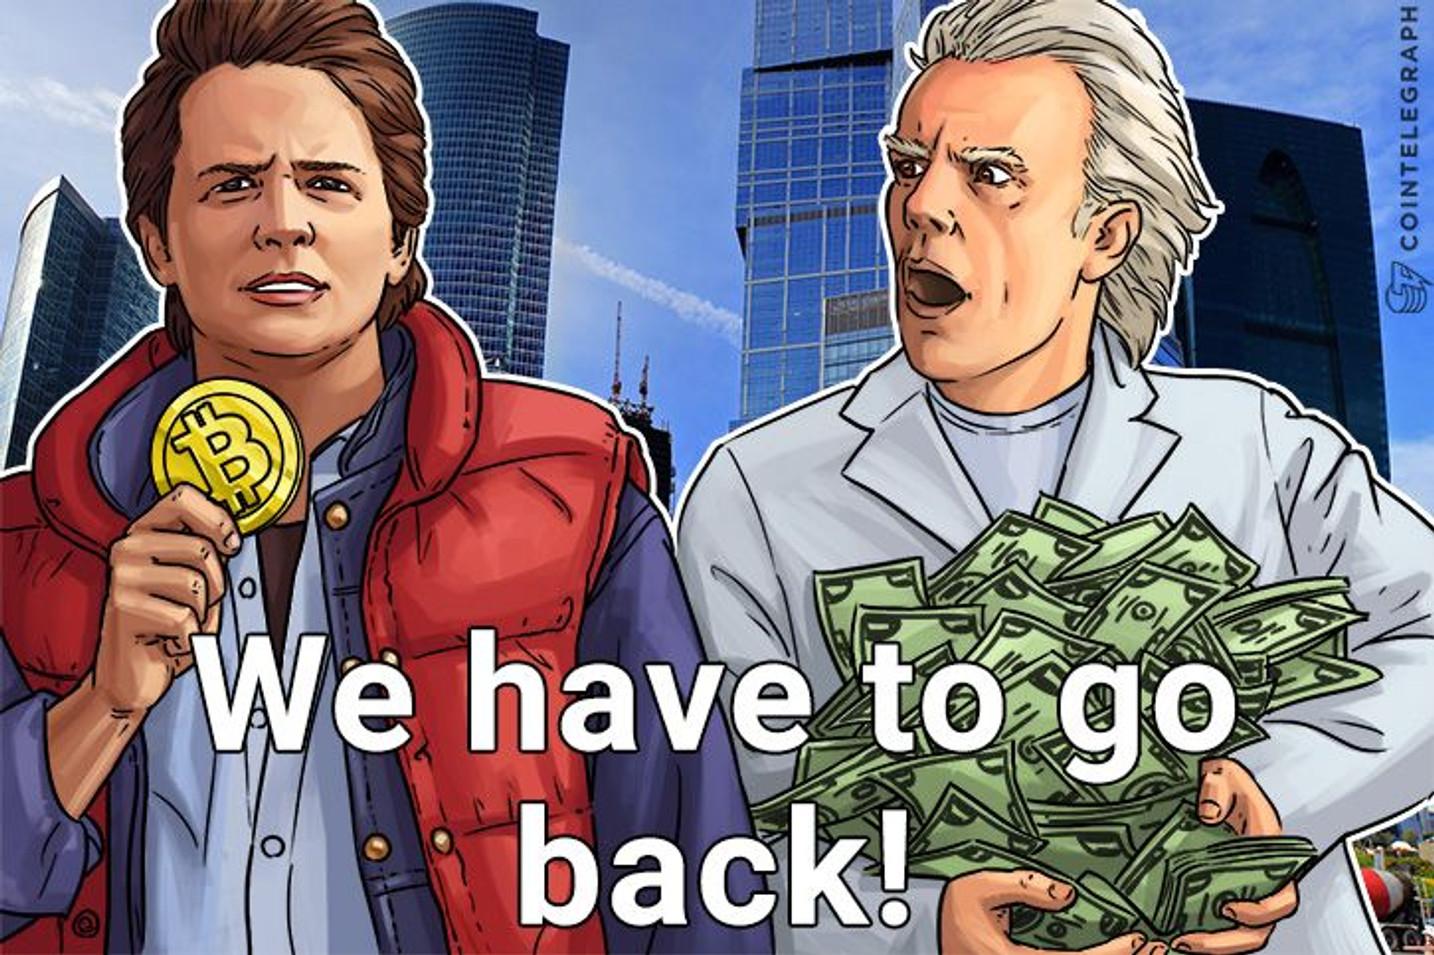 爆発的な価格急騰―2010年に100ドルで買ったビットコインが現在では7,500万ドルに